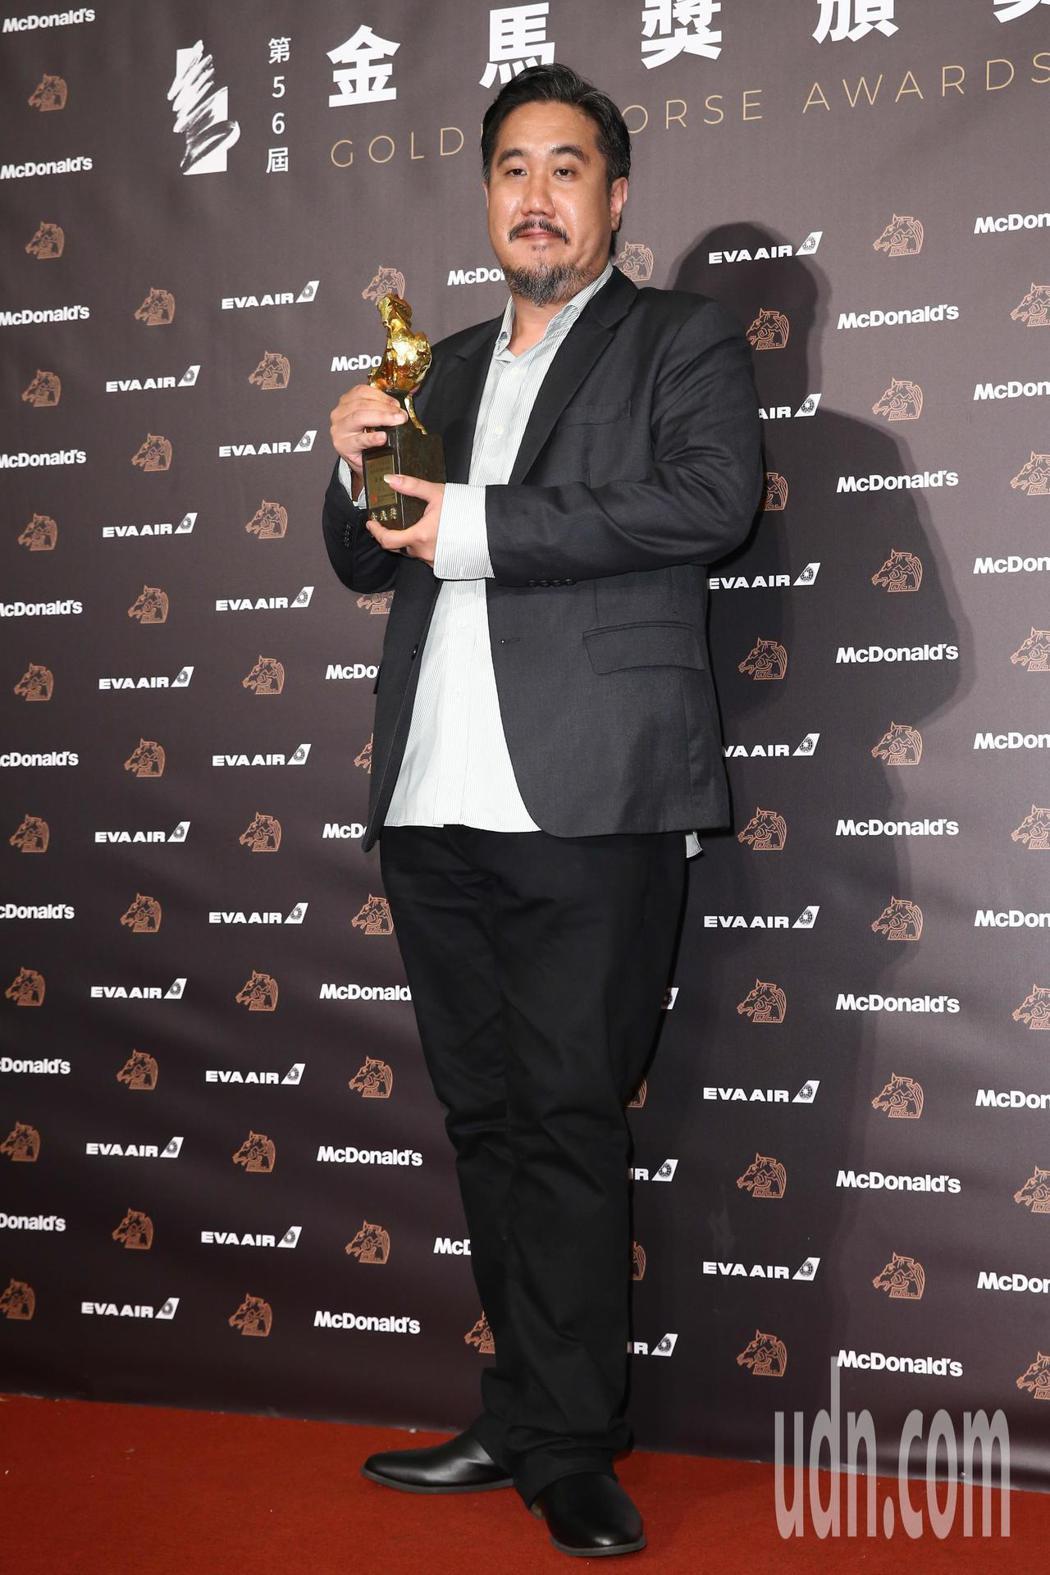 第56屆金馬獎頒獎典禮最佳原創電影歌曲,最佳原創電影音樂由「幻土」張偉勇獲得。記